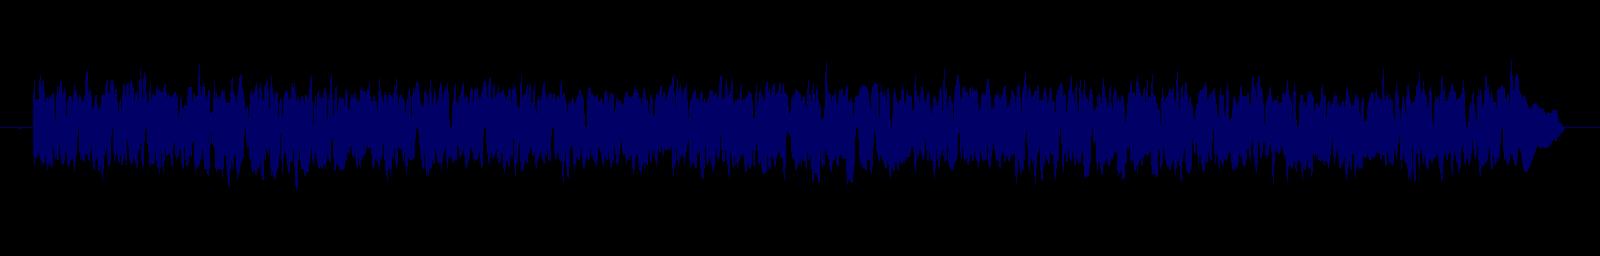 waveform of track #131960